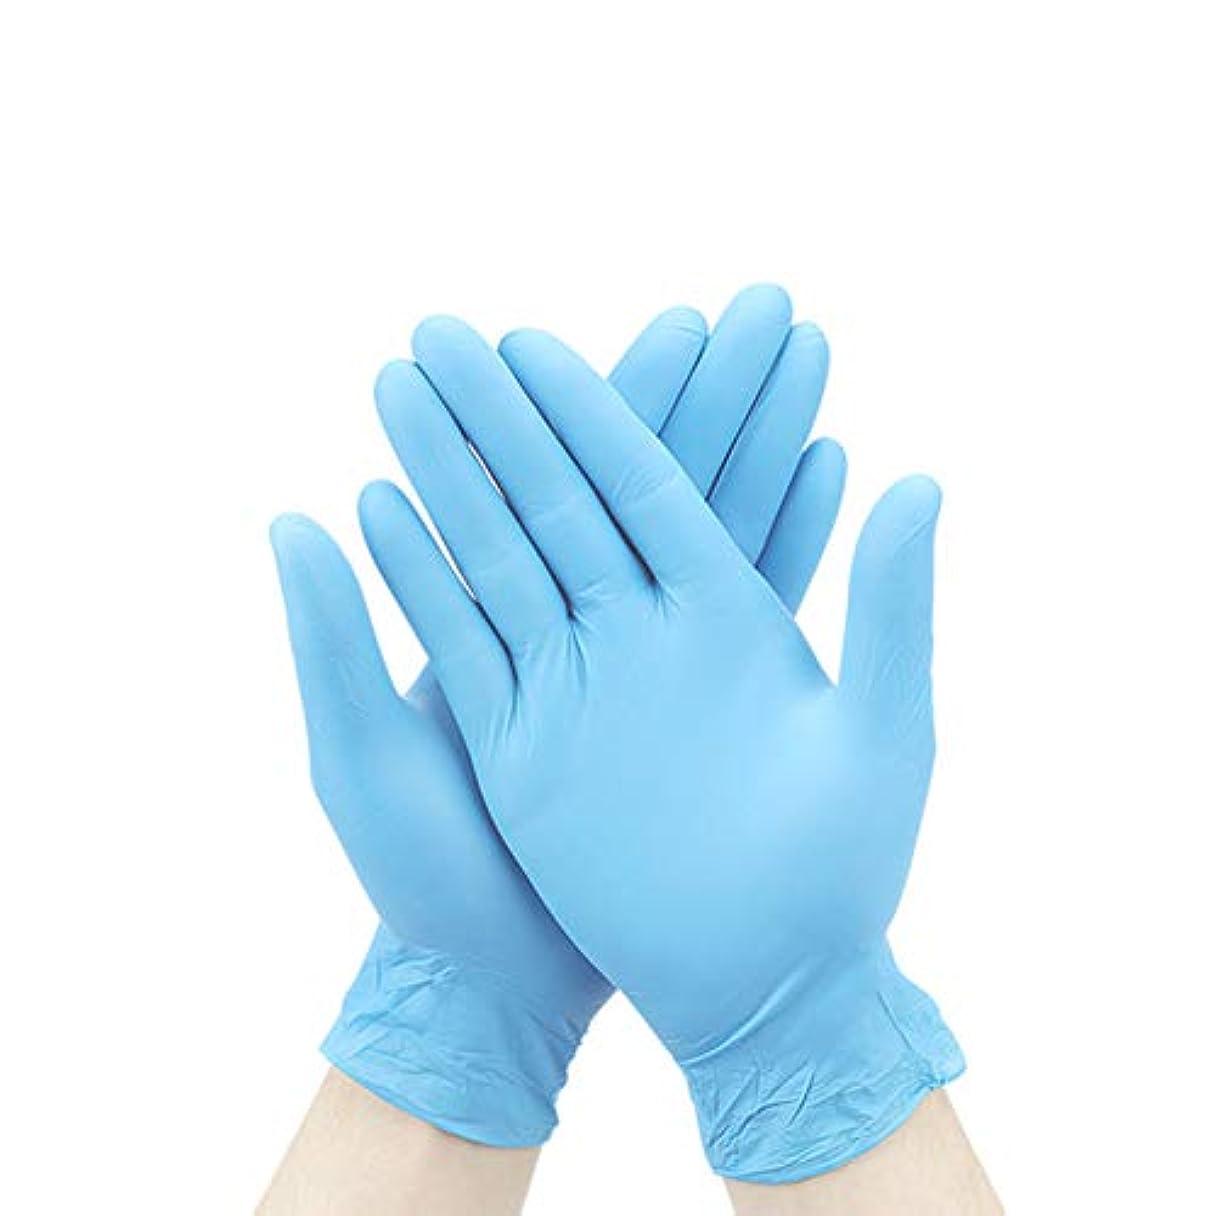 比較的美人悪用ACHICOO ニトリルゴム手袋 使い捨て手袋 100個/箱 9インチ ブラック検査実験 耐久性 クリーン電子 ライトブルー 1ペア